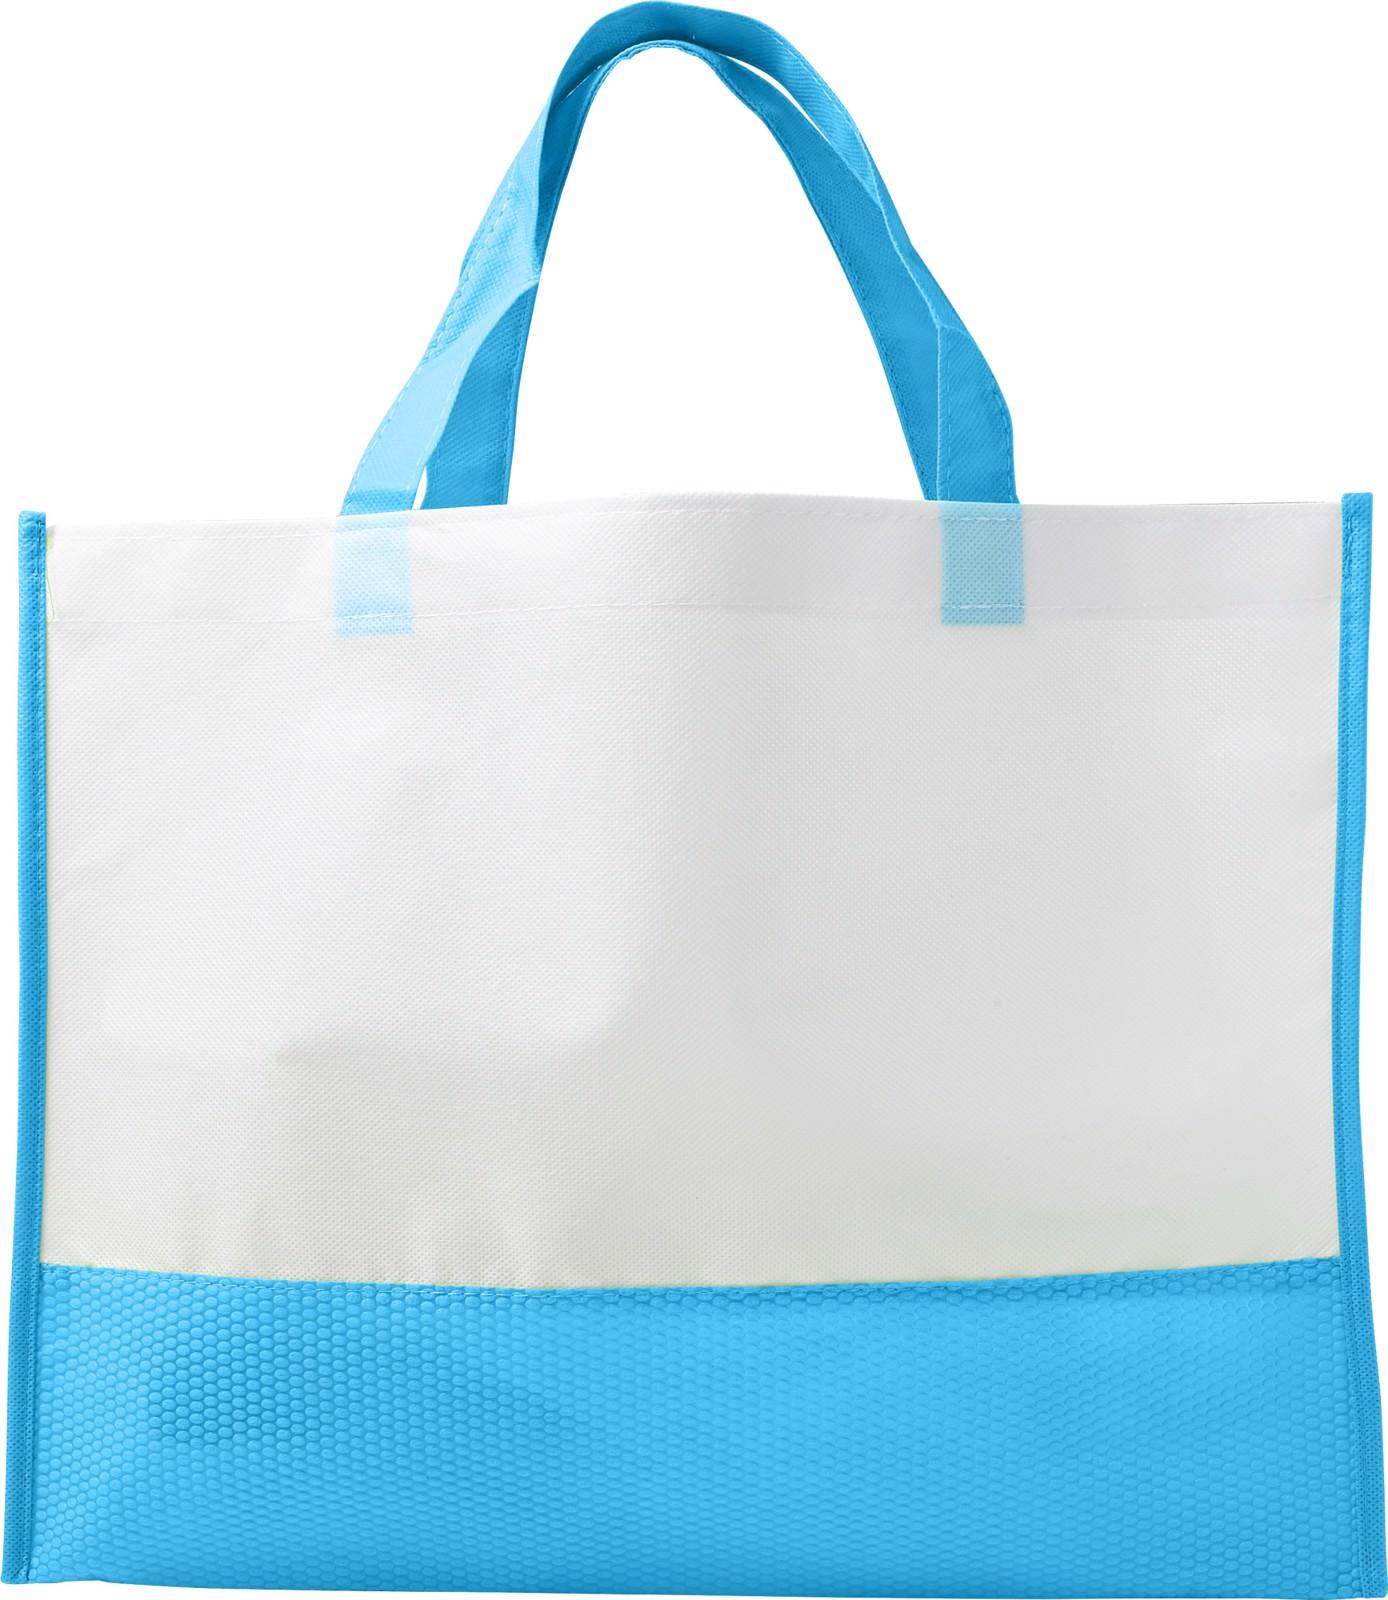 Nonwoven (80 gr/m²) shopping bag - Light Blue